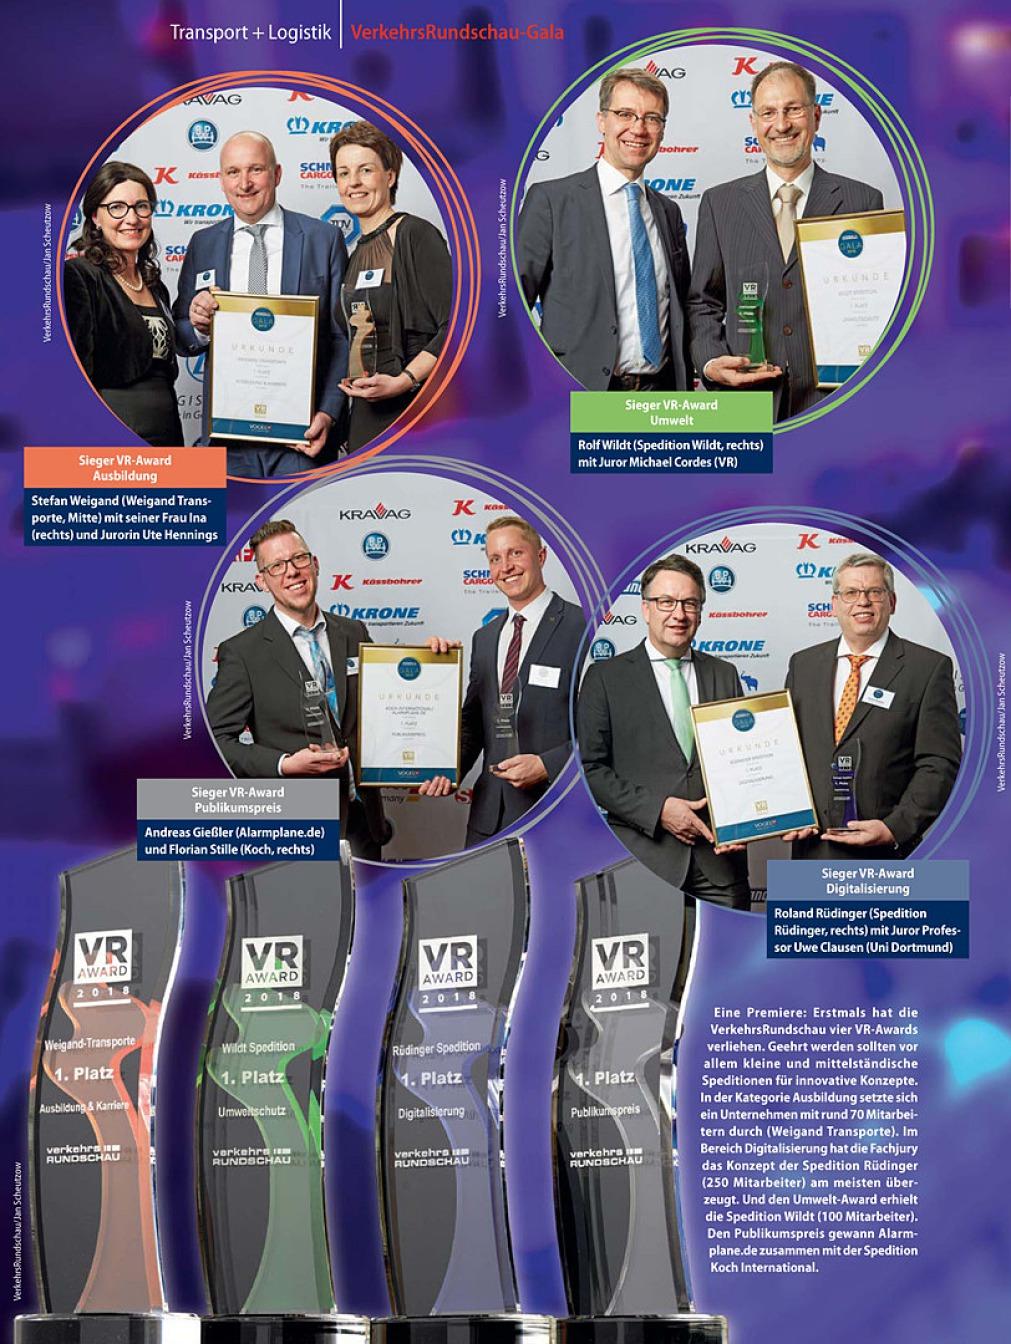 Die Innenseite einer Zeitschrift – der VerkerhsRundschau in Lila-Tönen besteht in den oberen zwei Dritteln aus vier Kreisen, die 9 Preisträger mit Ihren Urkunden und Awards abbilden. Darunter sind die 4 Awards groß abgebildet.